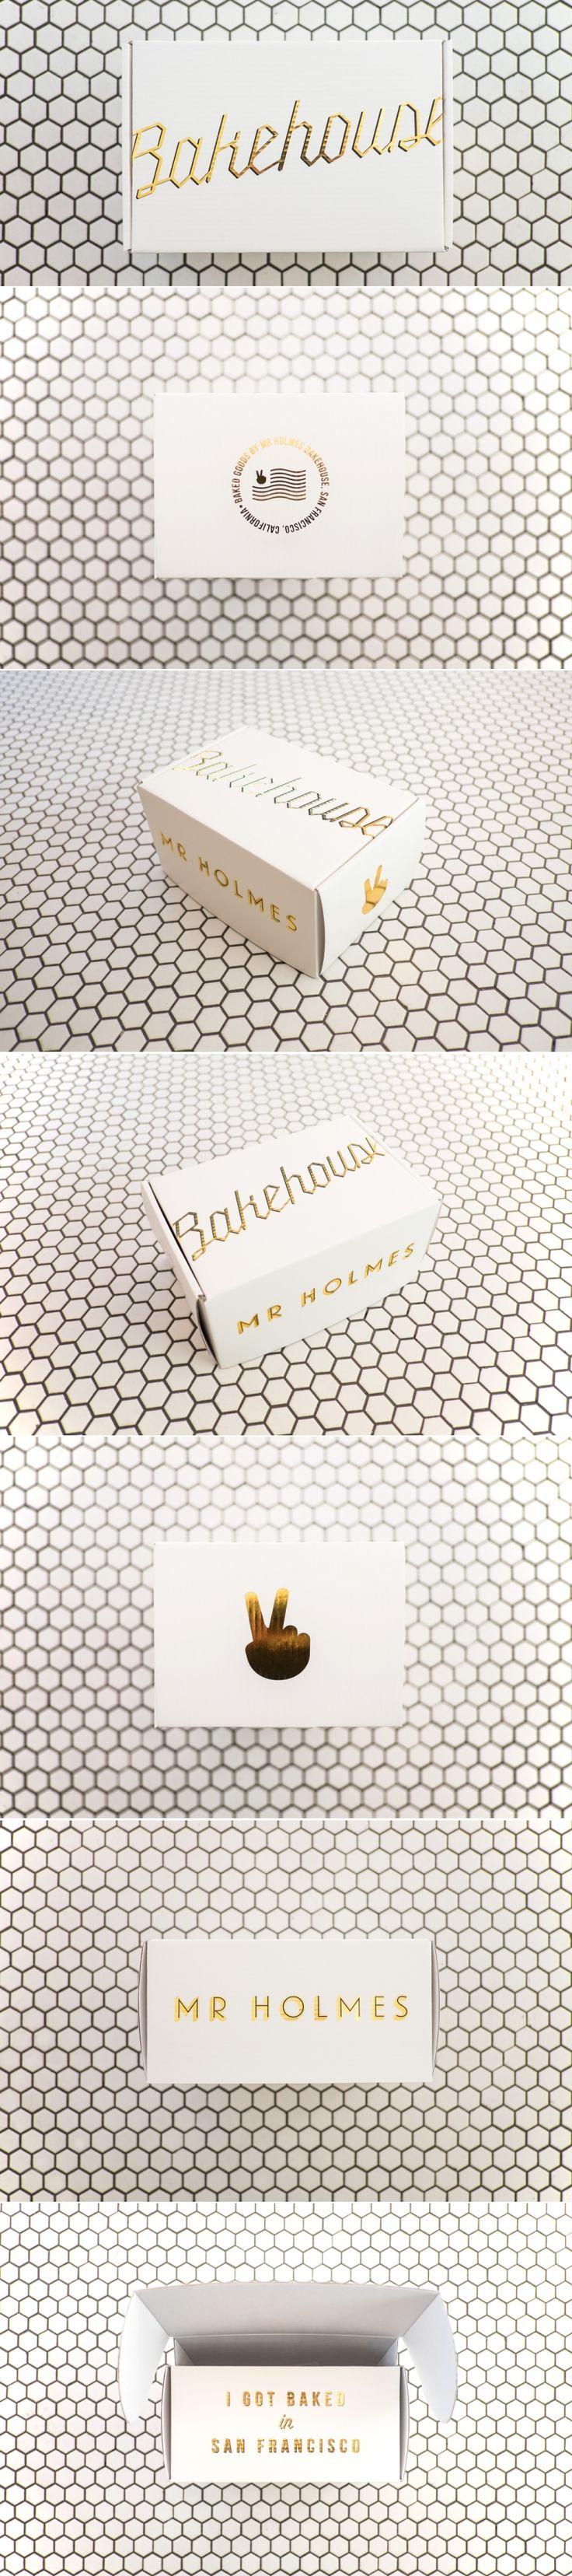 Mr Holmes Bakehouse — The Dieline | Packaging & Branding Design & Innovation News